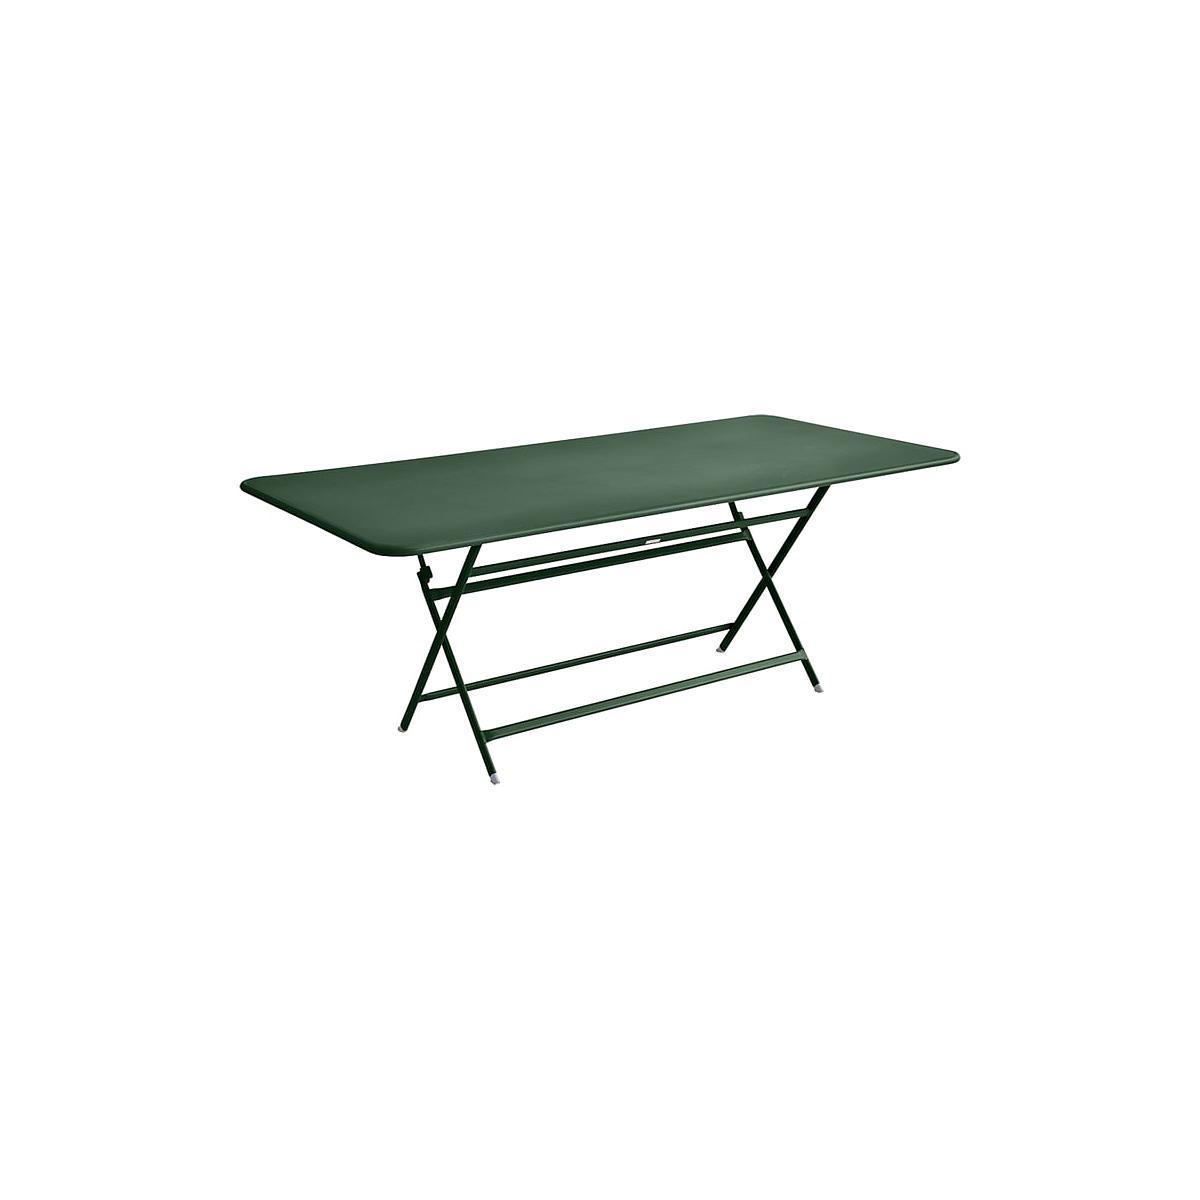 Table 90x190cm pliante CARACTERE Fermob Vert cèdre